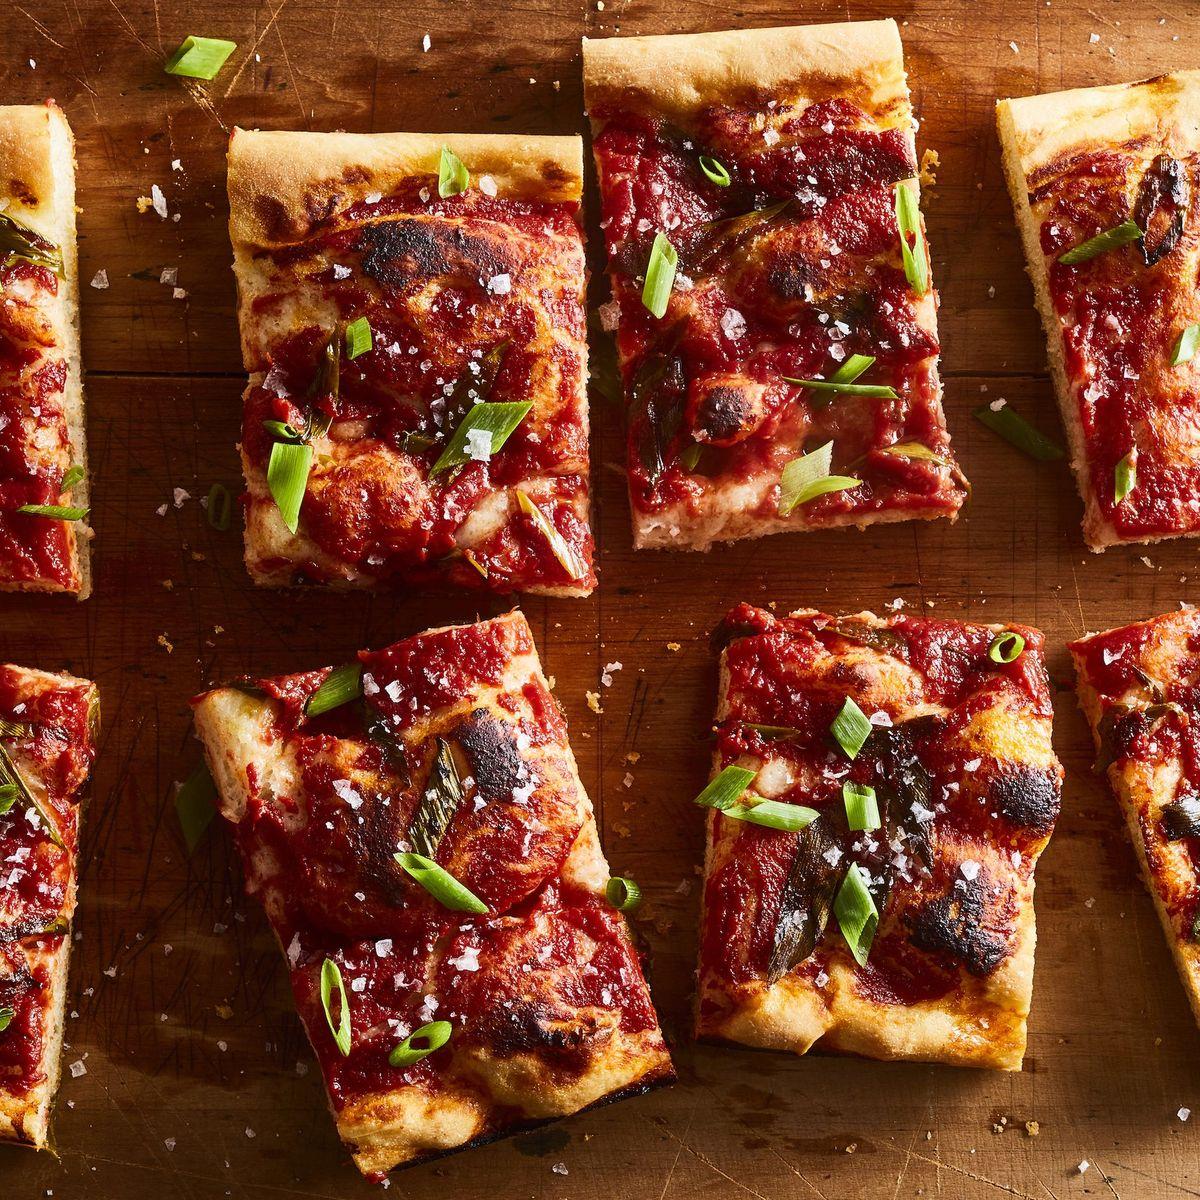 Best Focaccia Pizza Recipe How To Make Green Onion Tomato Pizza